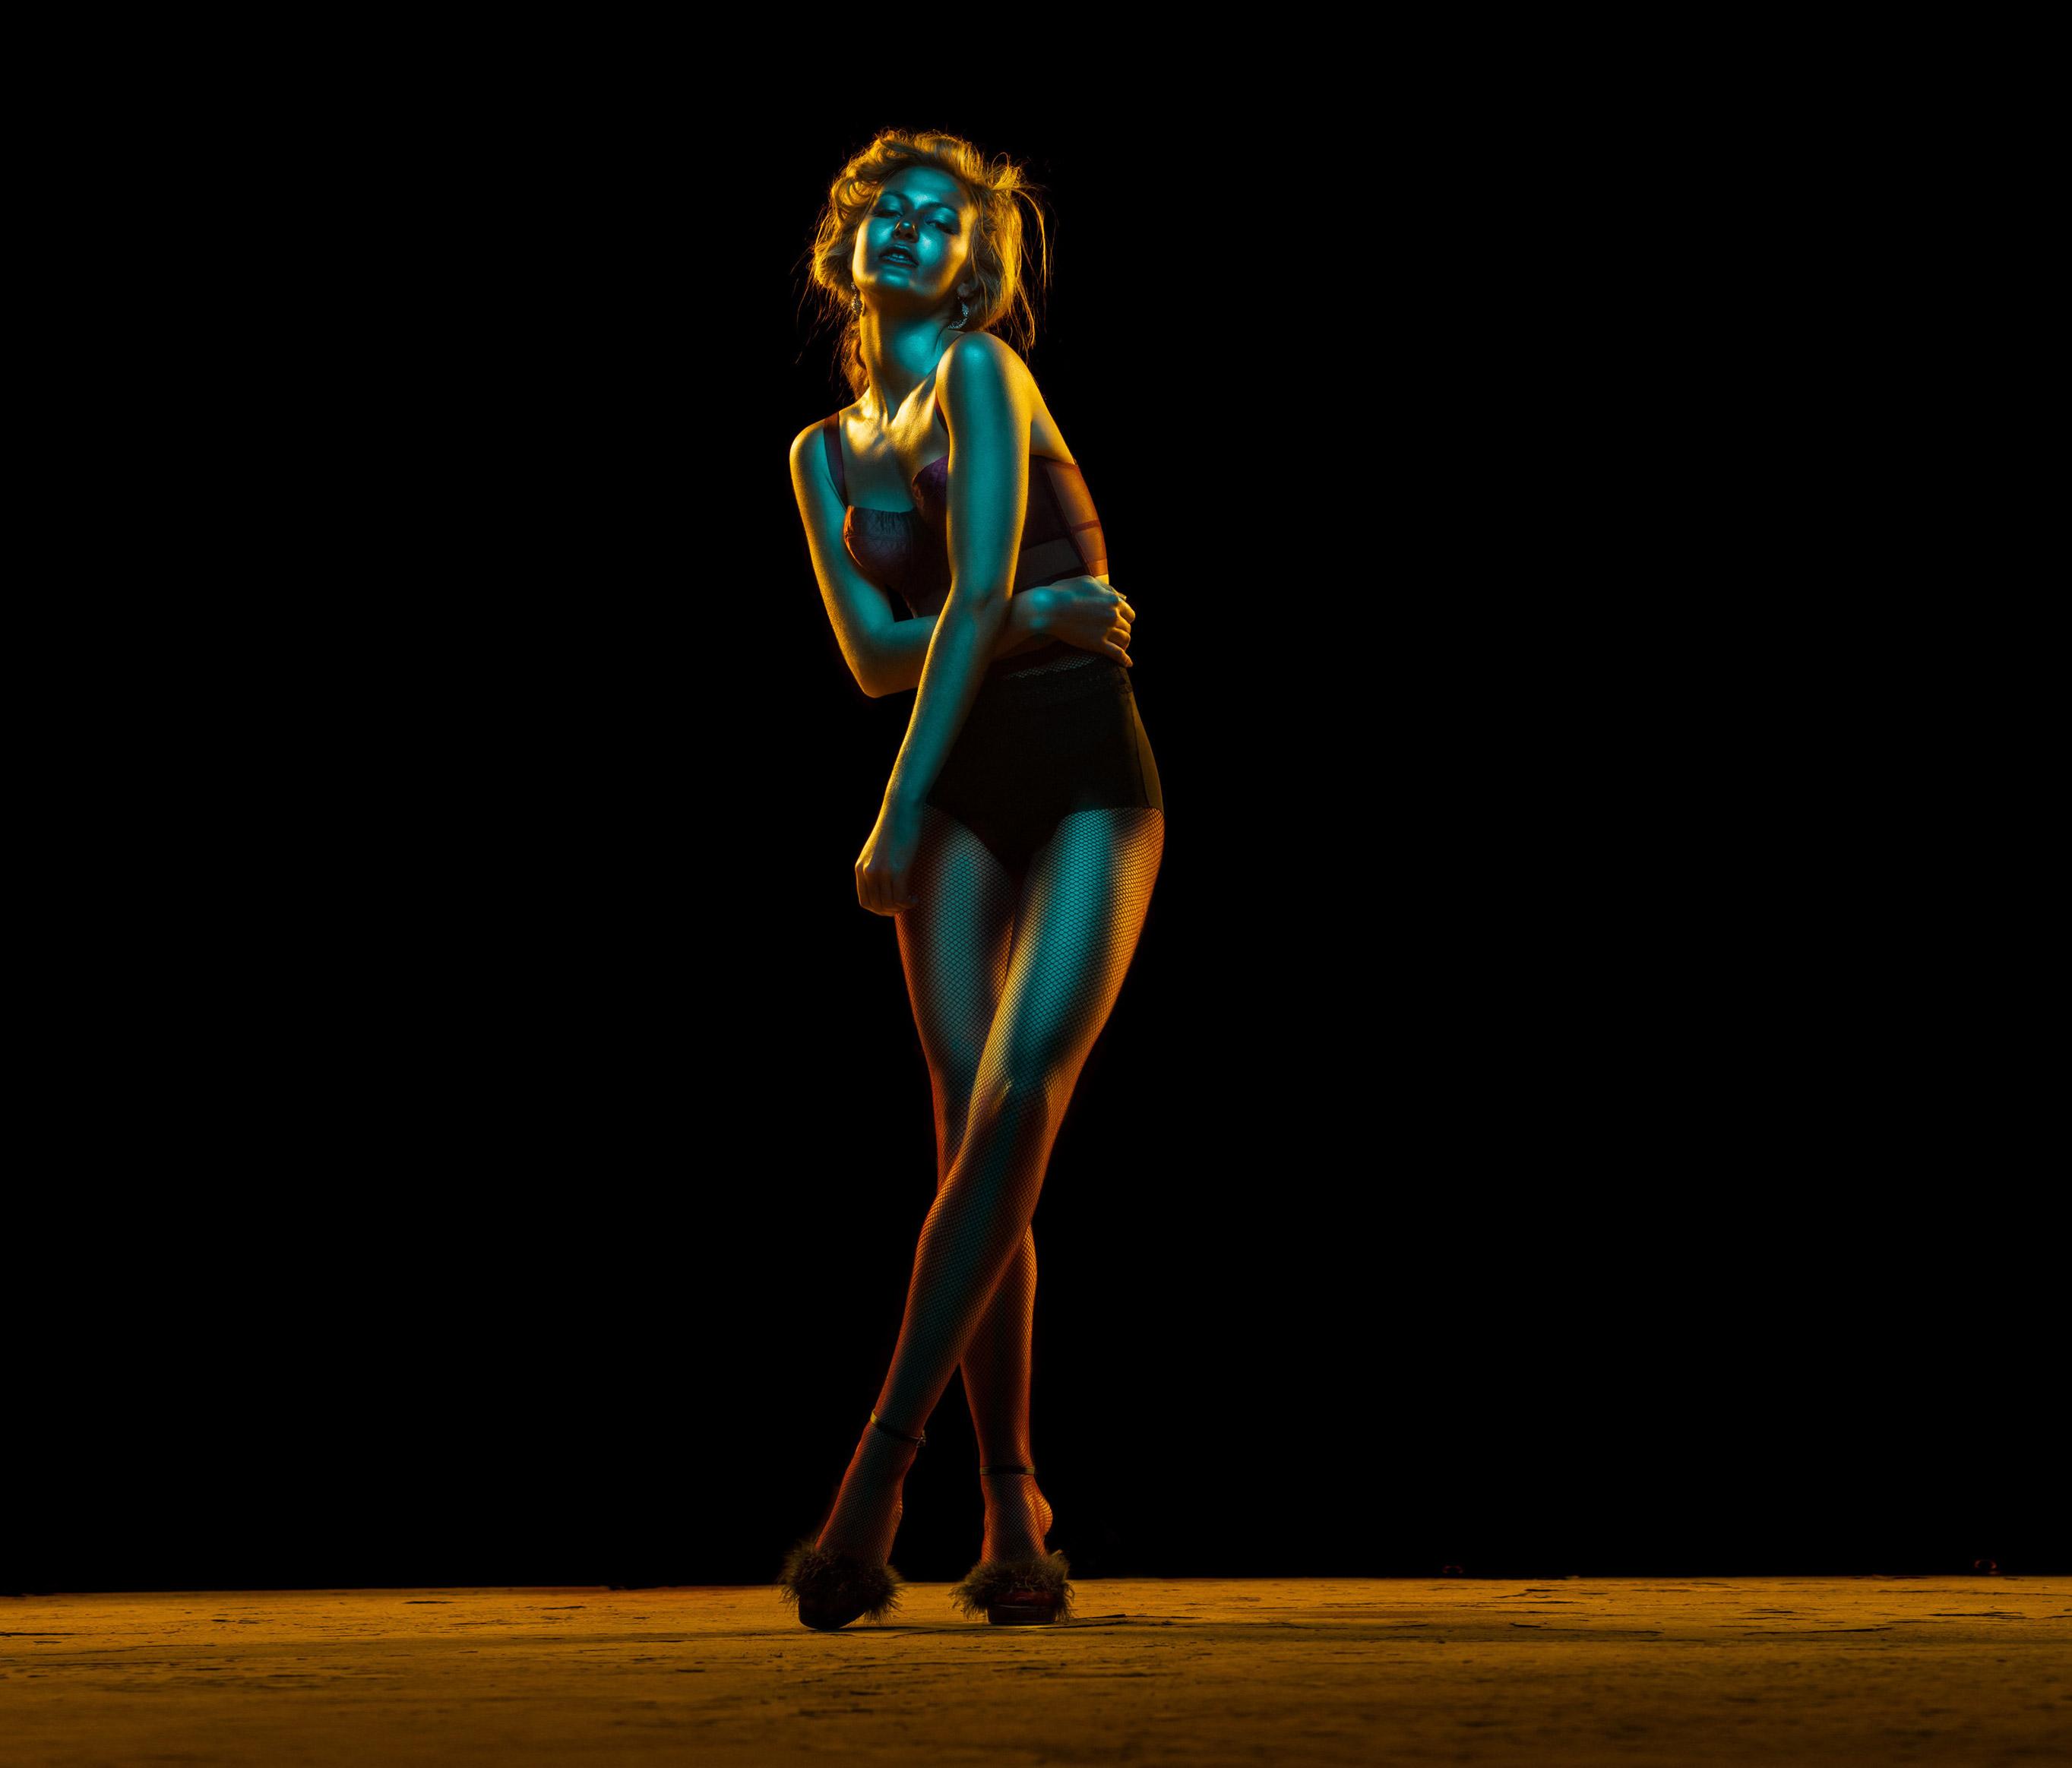 Красивая девушка в отблесках ночи / Рейчел Флинн, фотограф Андре Шнейдер / фото 01